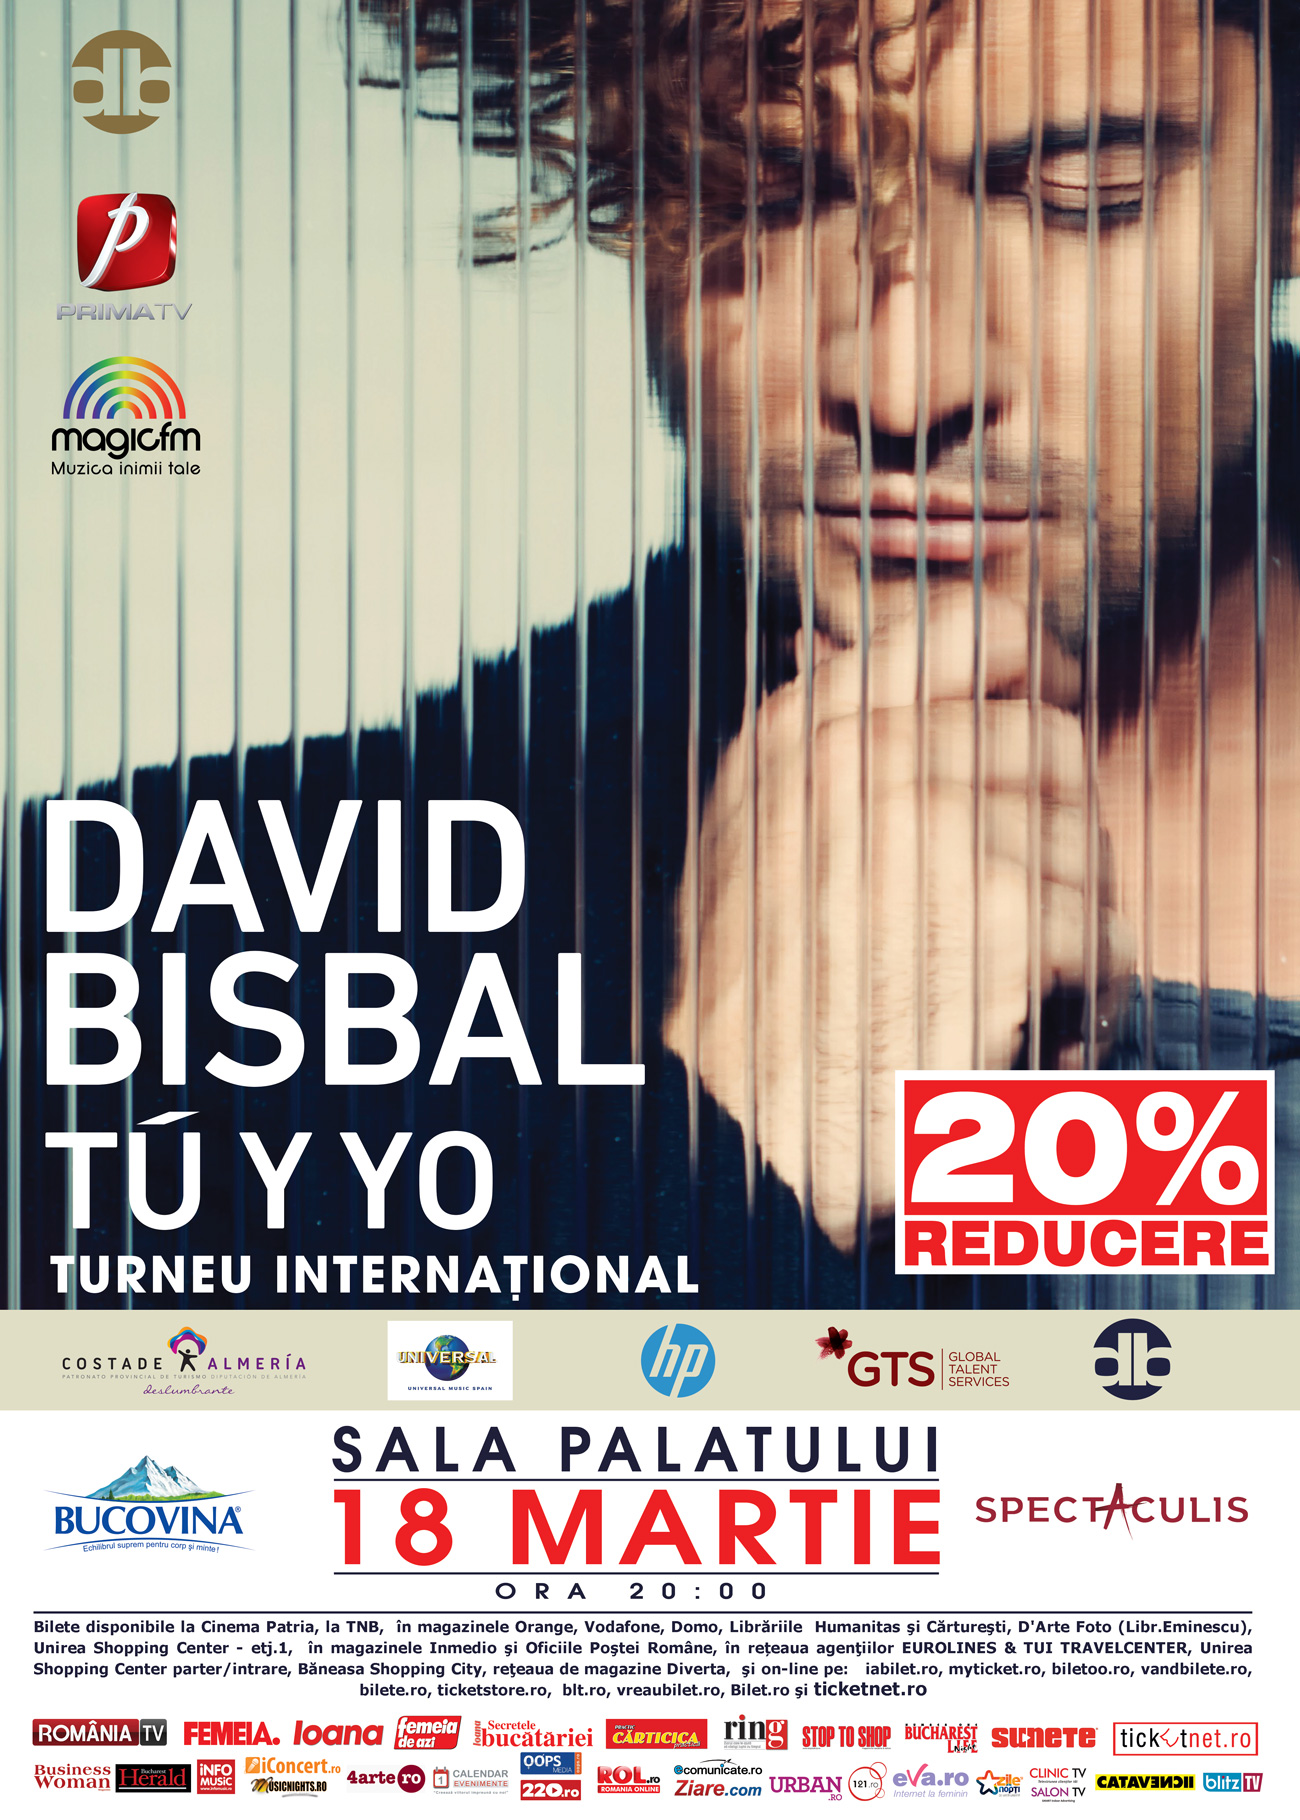 DAVID BISBAL - Turneul Internațional Tú Y Yo